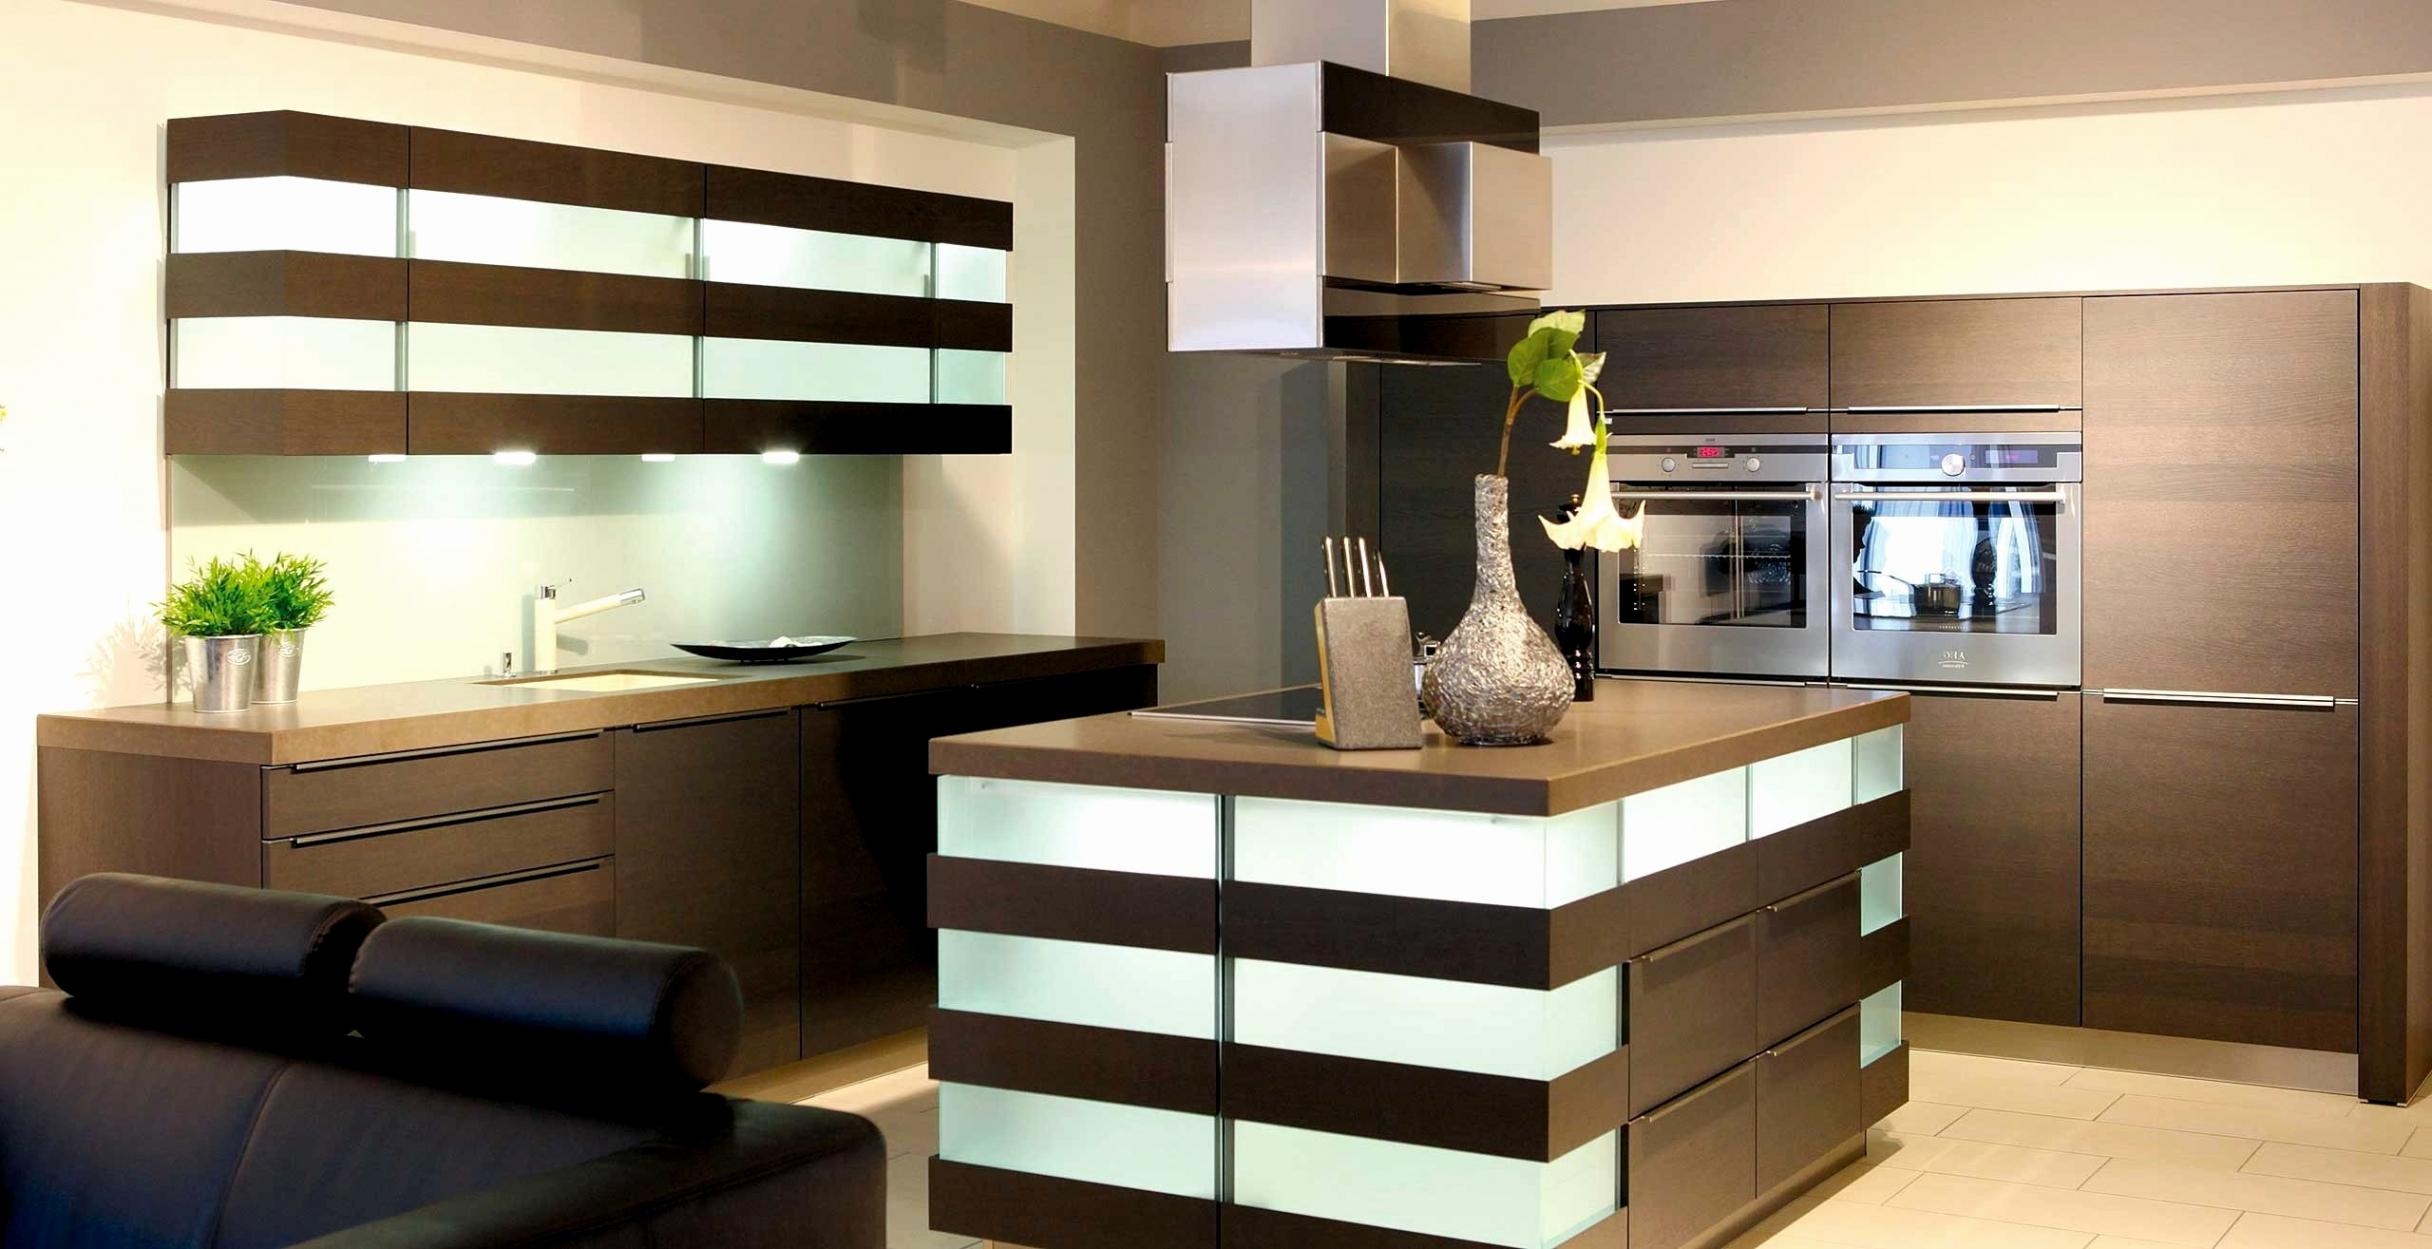 Full Size of Glasbilder Für Küche Wohnzimmer Mit Küche Einrichten Buche Welche   Durchreiche Küche Esszimmer Küche Glasbilder Küche